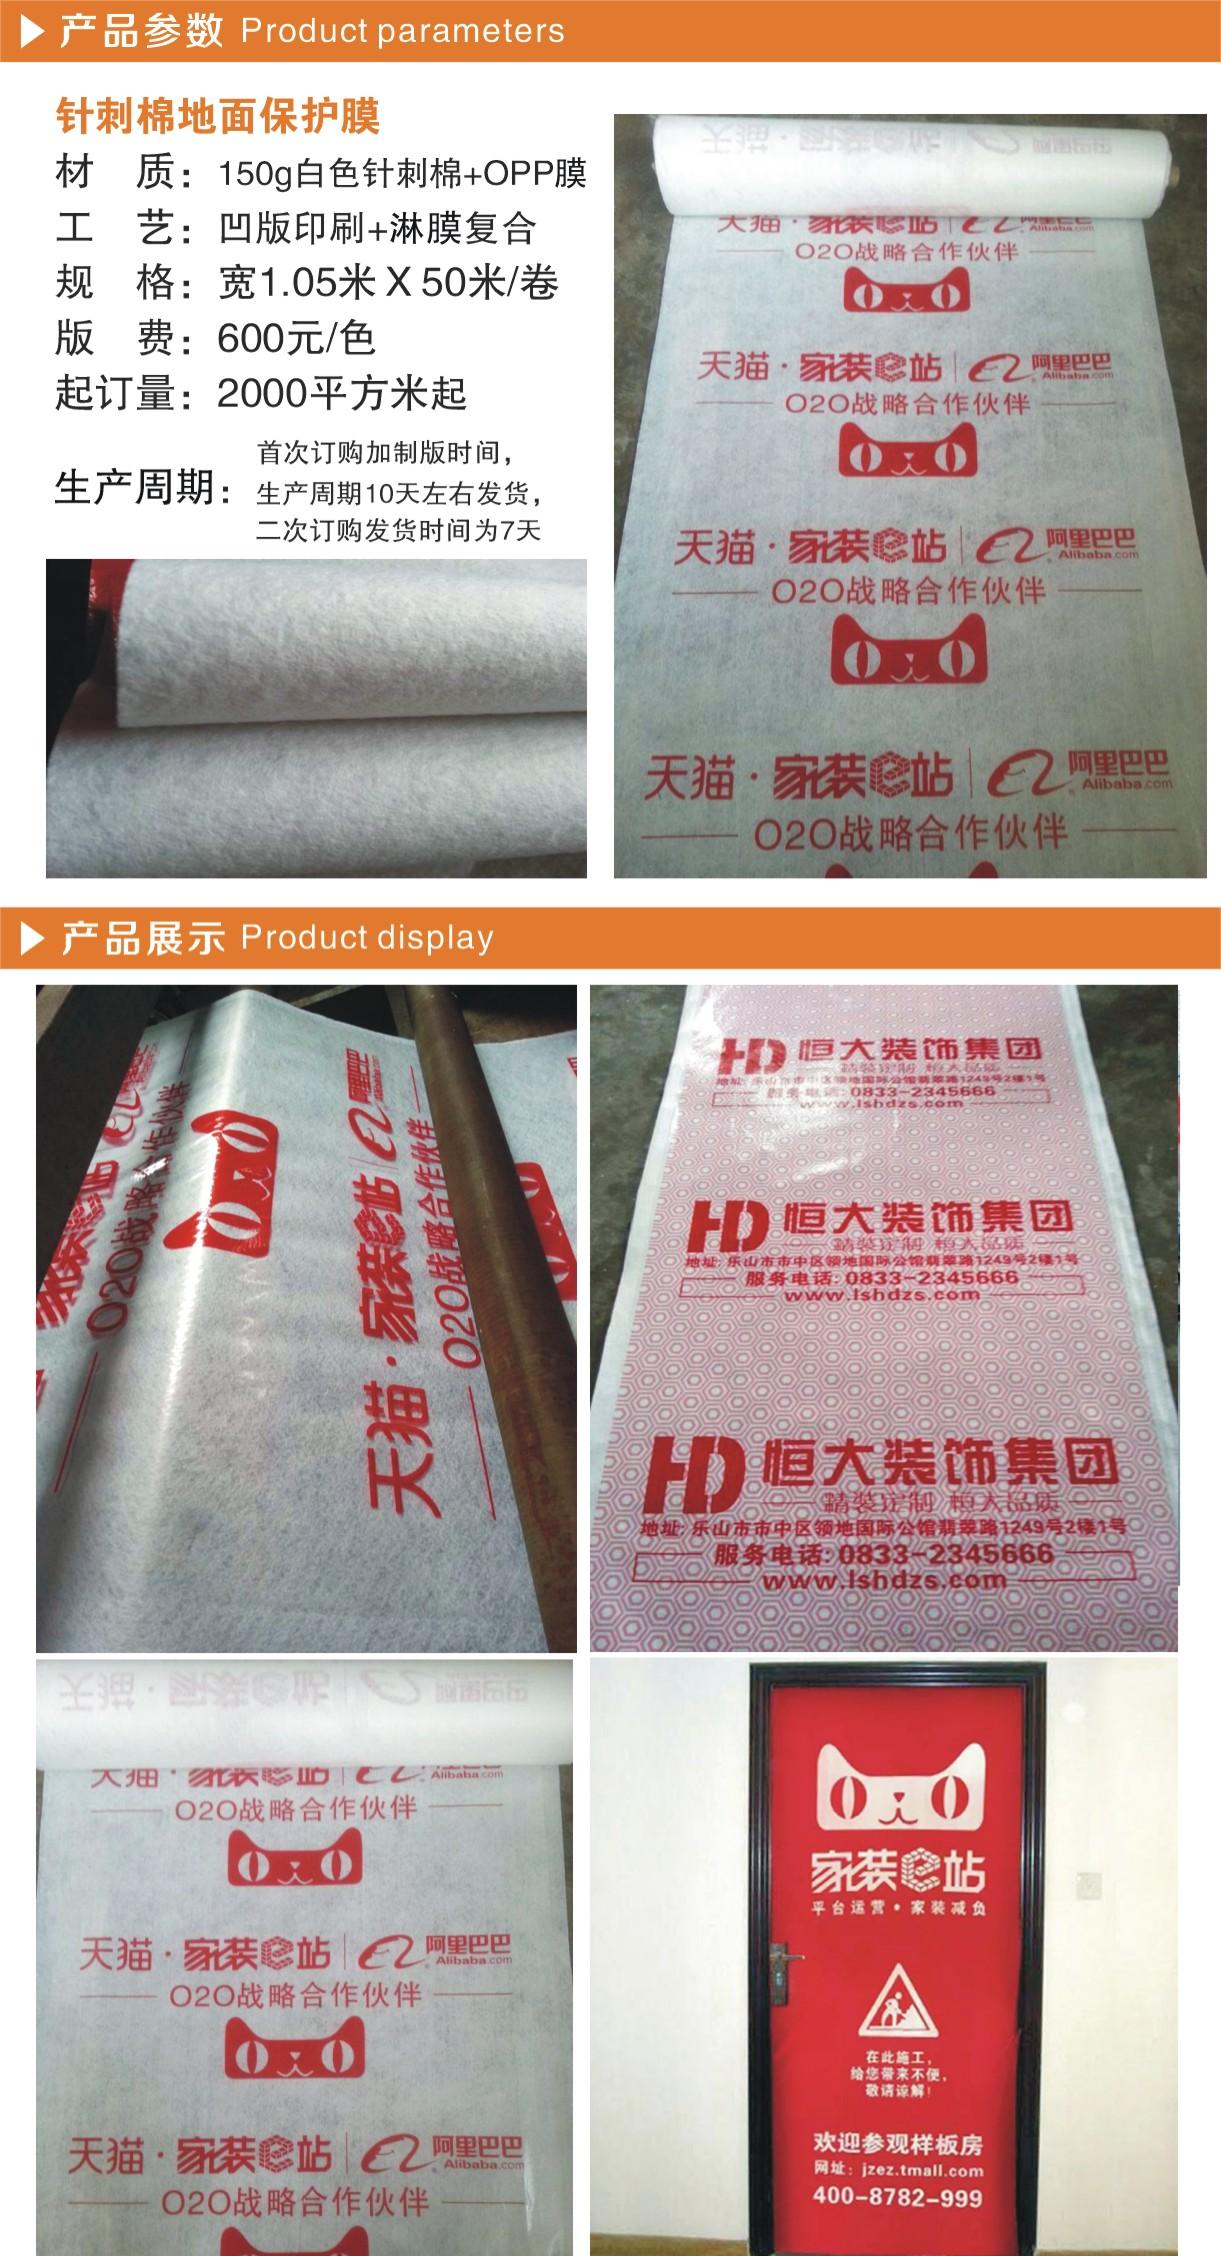 站成品保护膜 工地形象保护膜 成都装修保护膜厂家